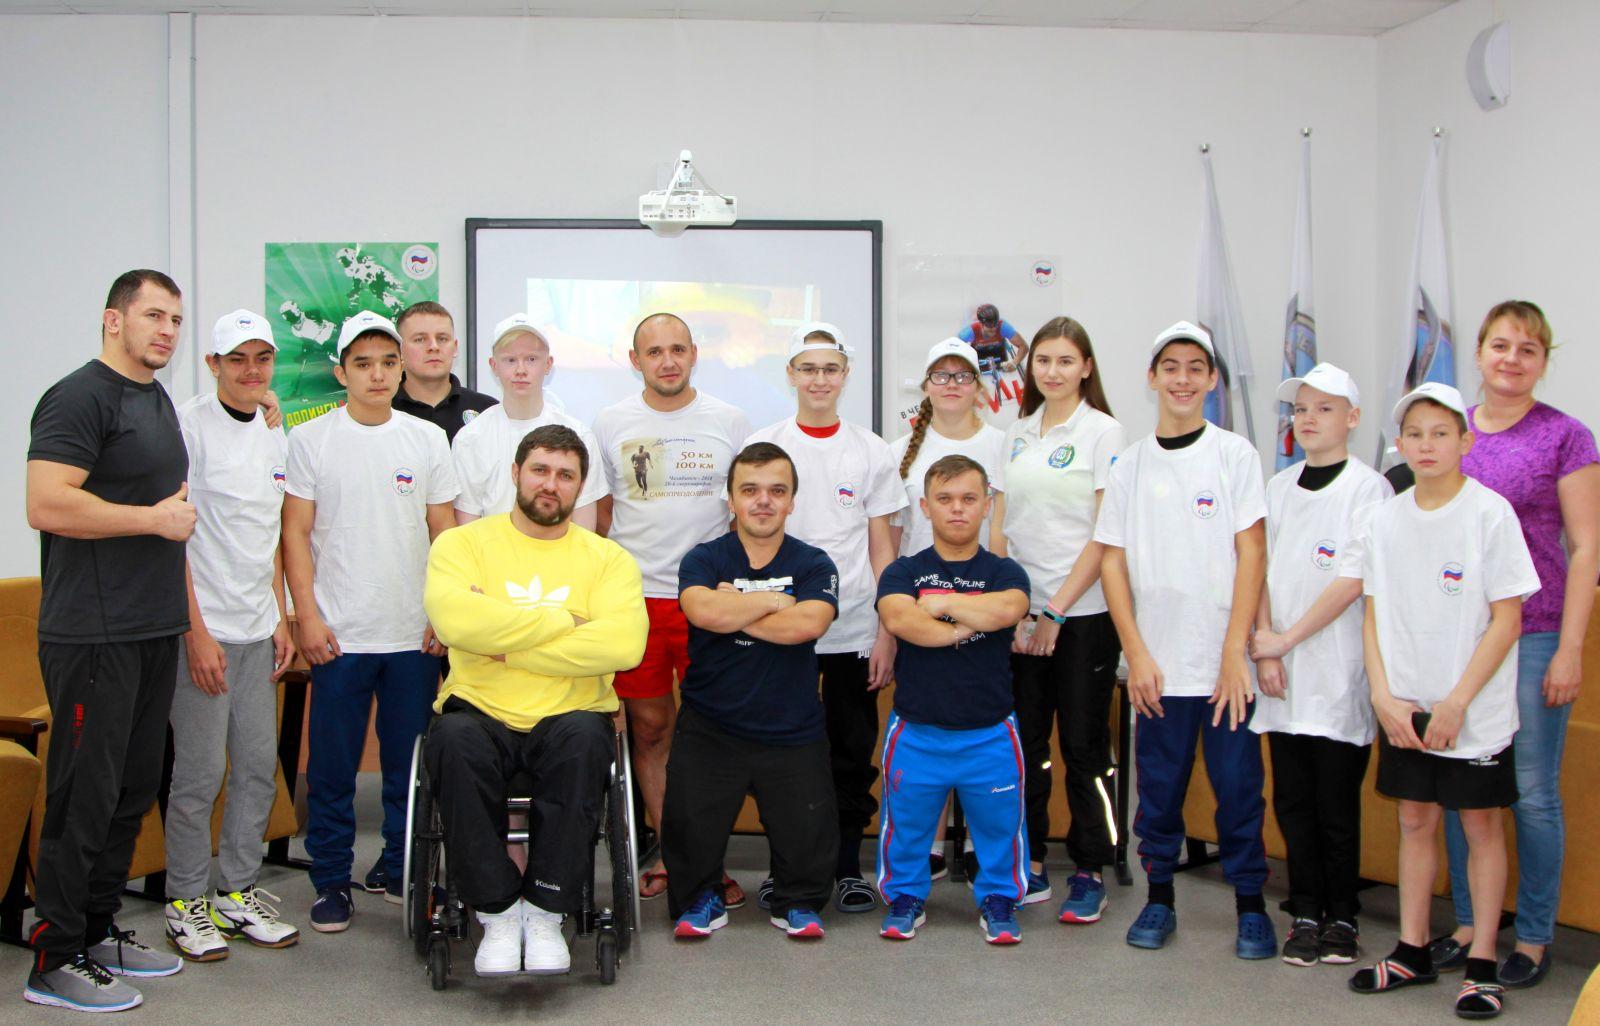 В Югре стартовали спортивно-образовательные проекты Паралимпийского комитета России «Будущие чемпионы» и «Паралимпийский урок»